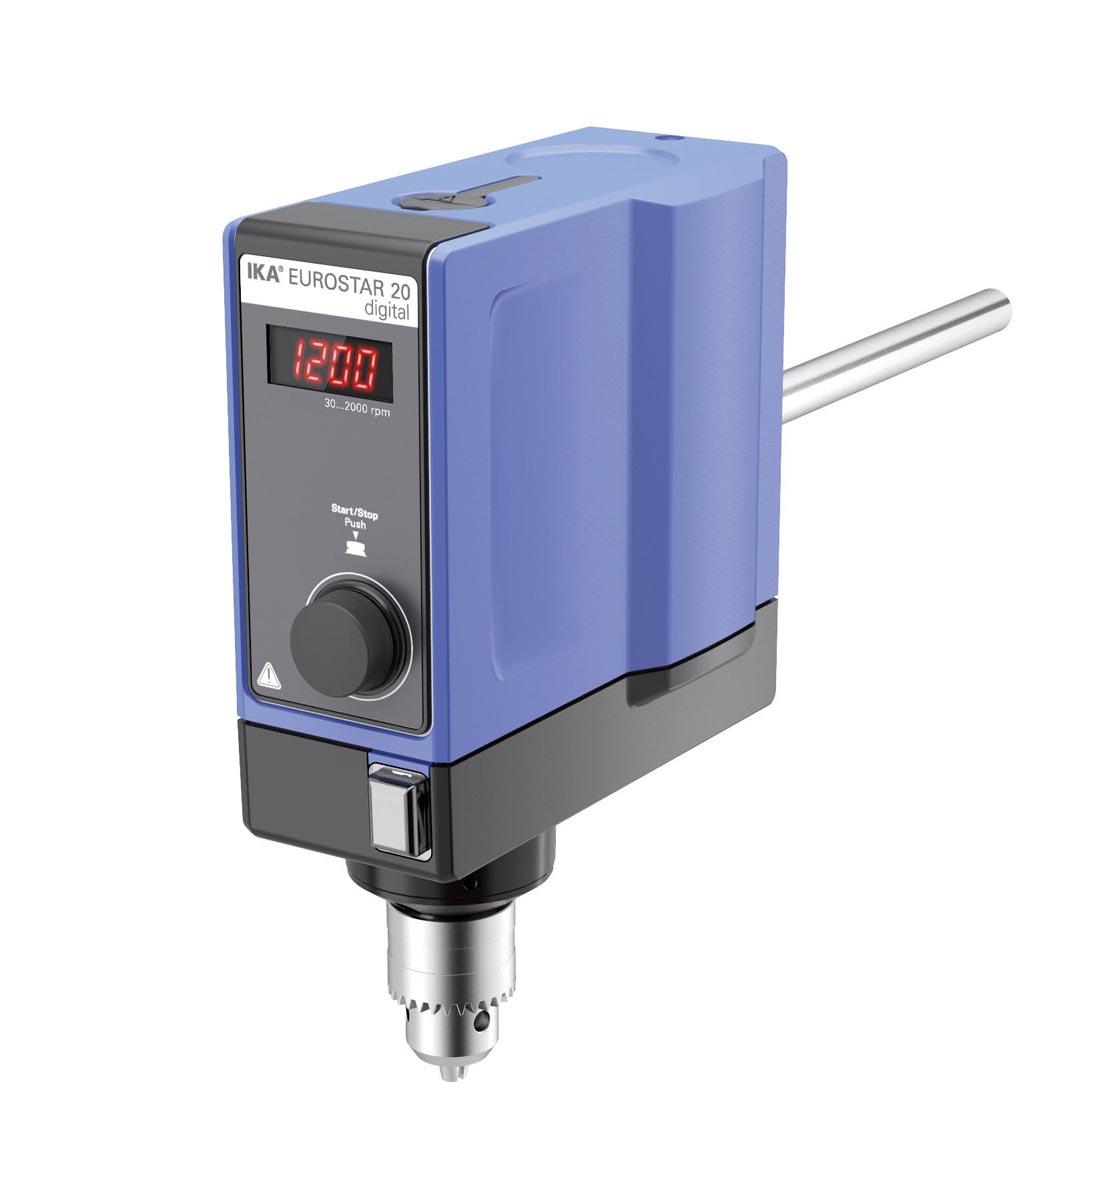 イカジャパン デジタル式撹拌器 Eurostar20デジタル